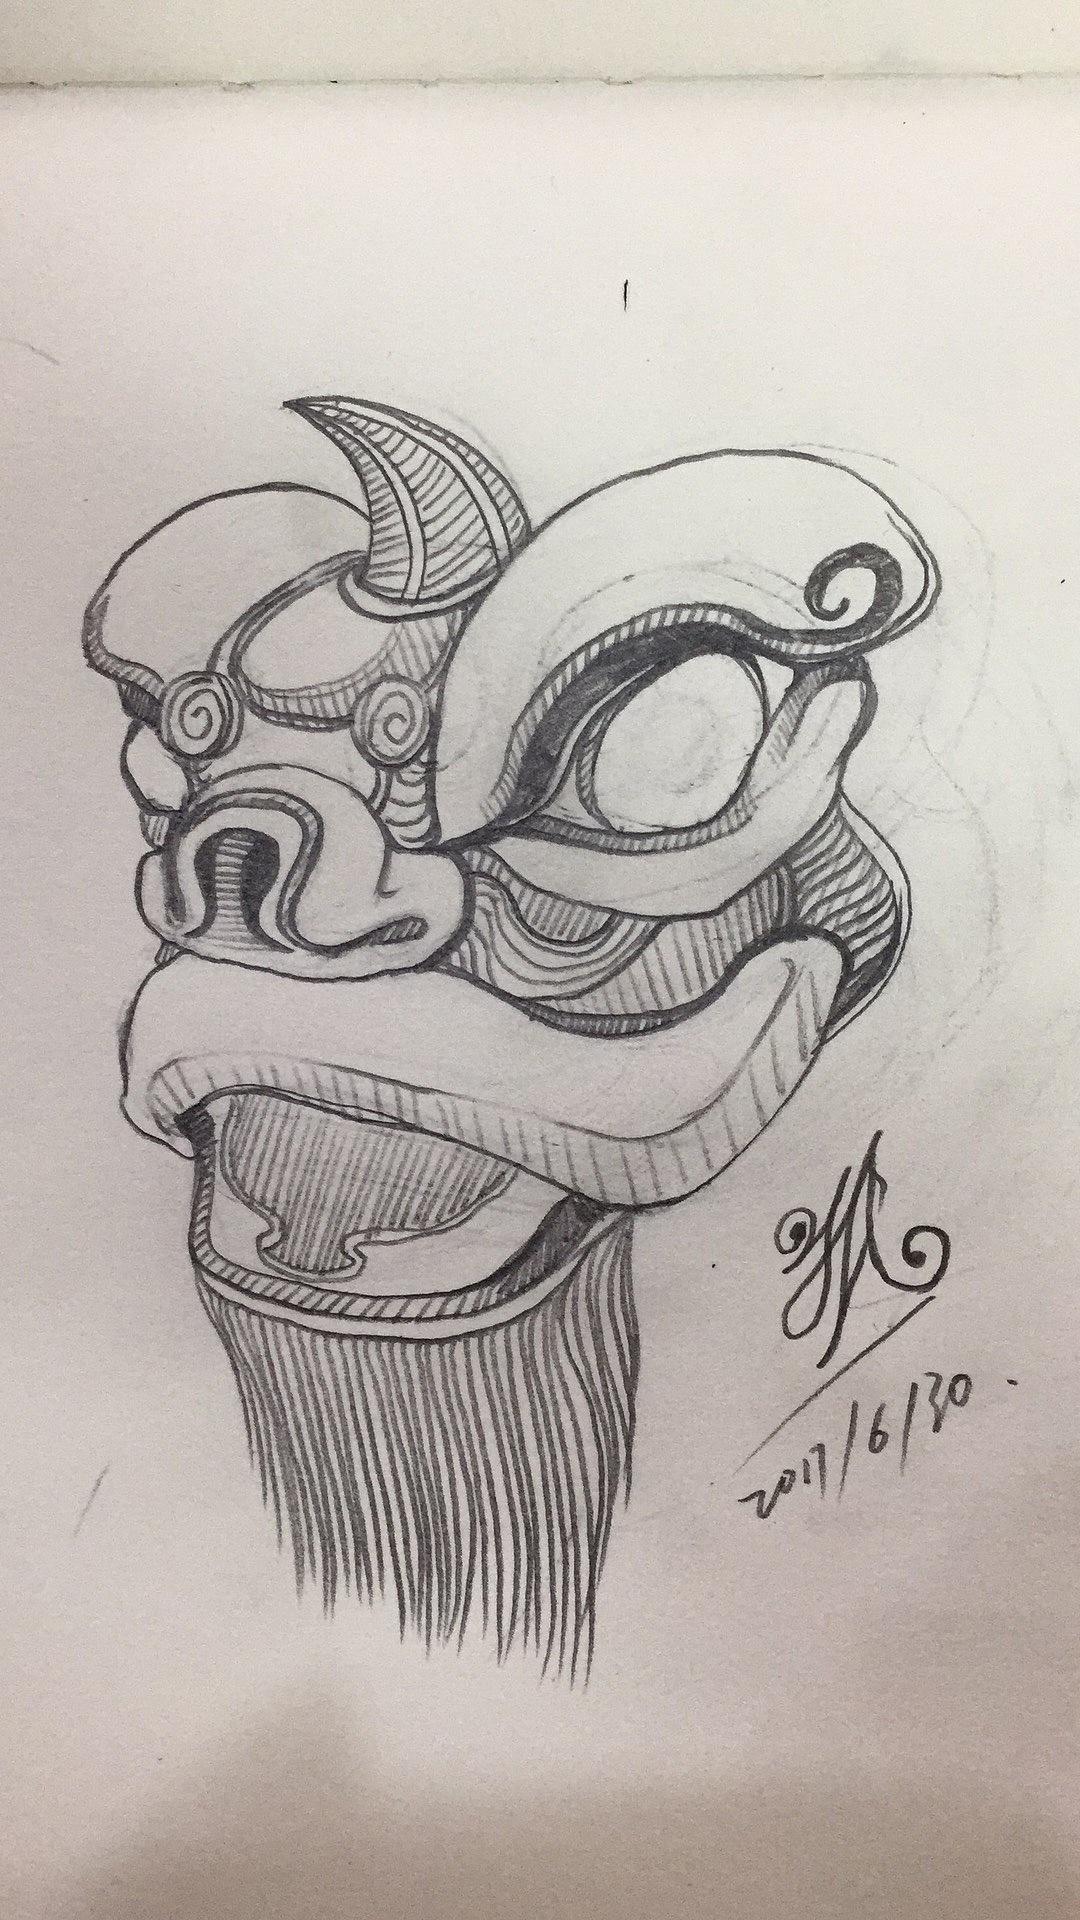 国外男人脖子凶悍的班诺文身图图案-第1张图 - 纹身部落